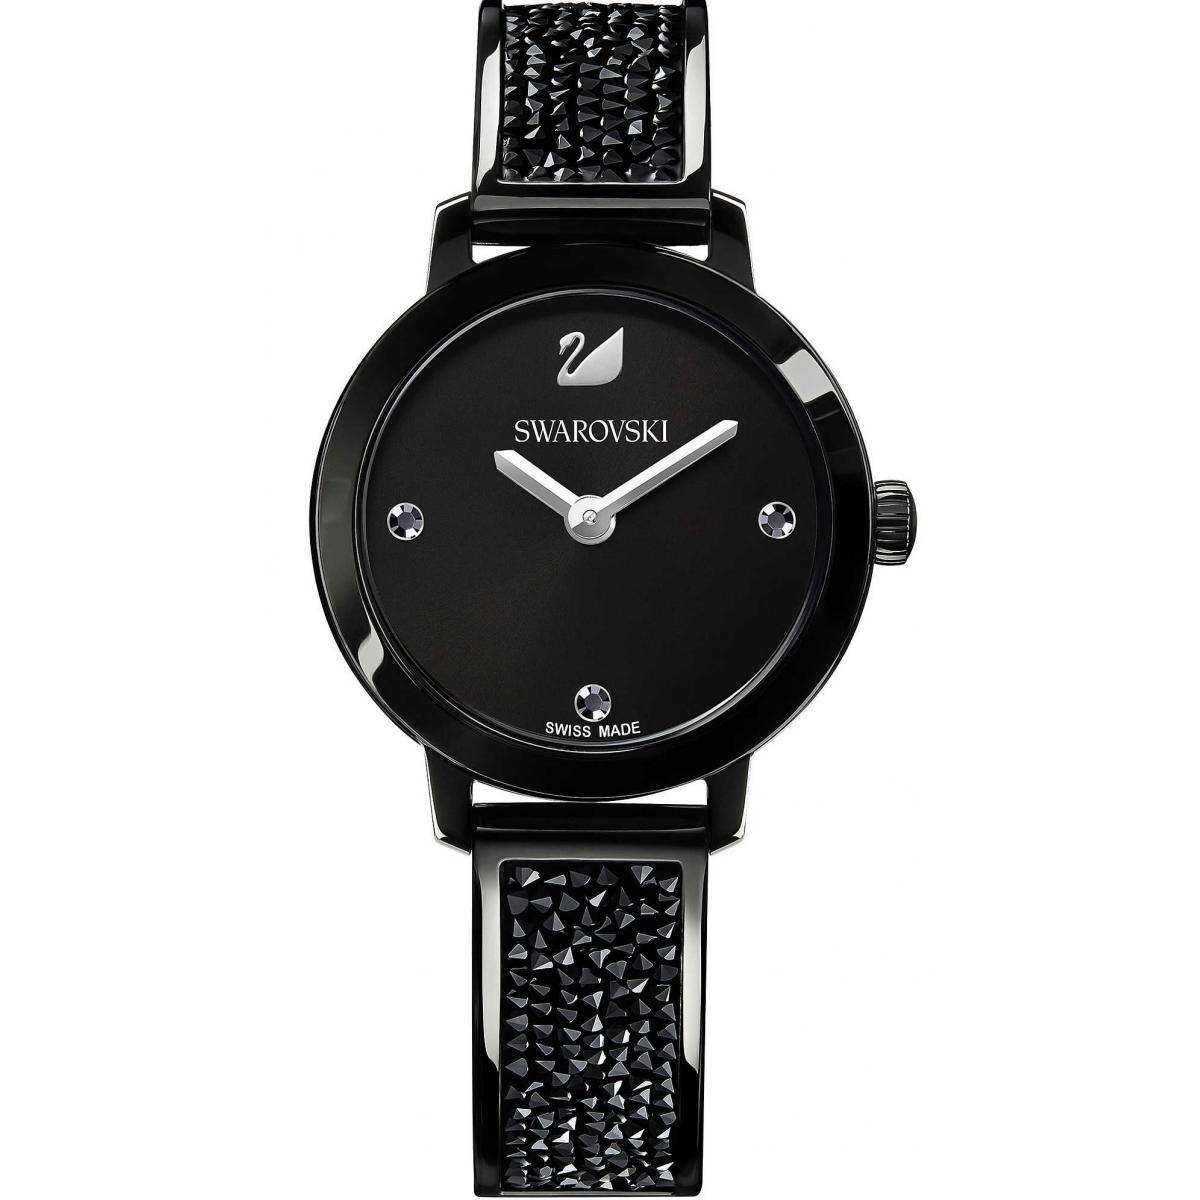 Montre Swarovski 5376071 - Montre Cosmic Rock Jet - Swarovski montres - Modalova